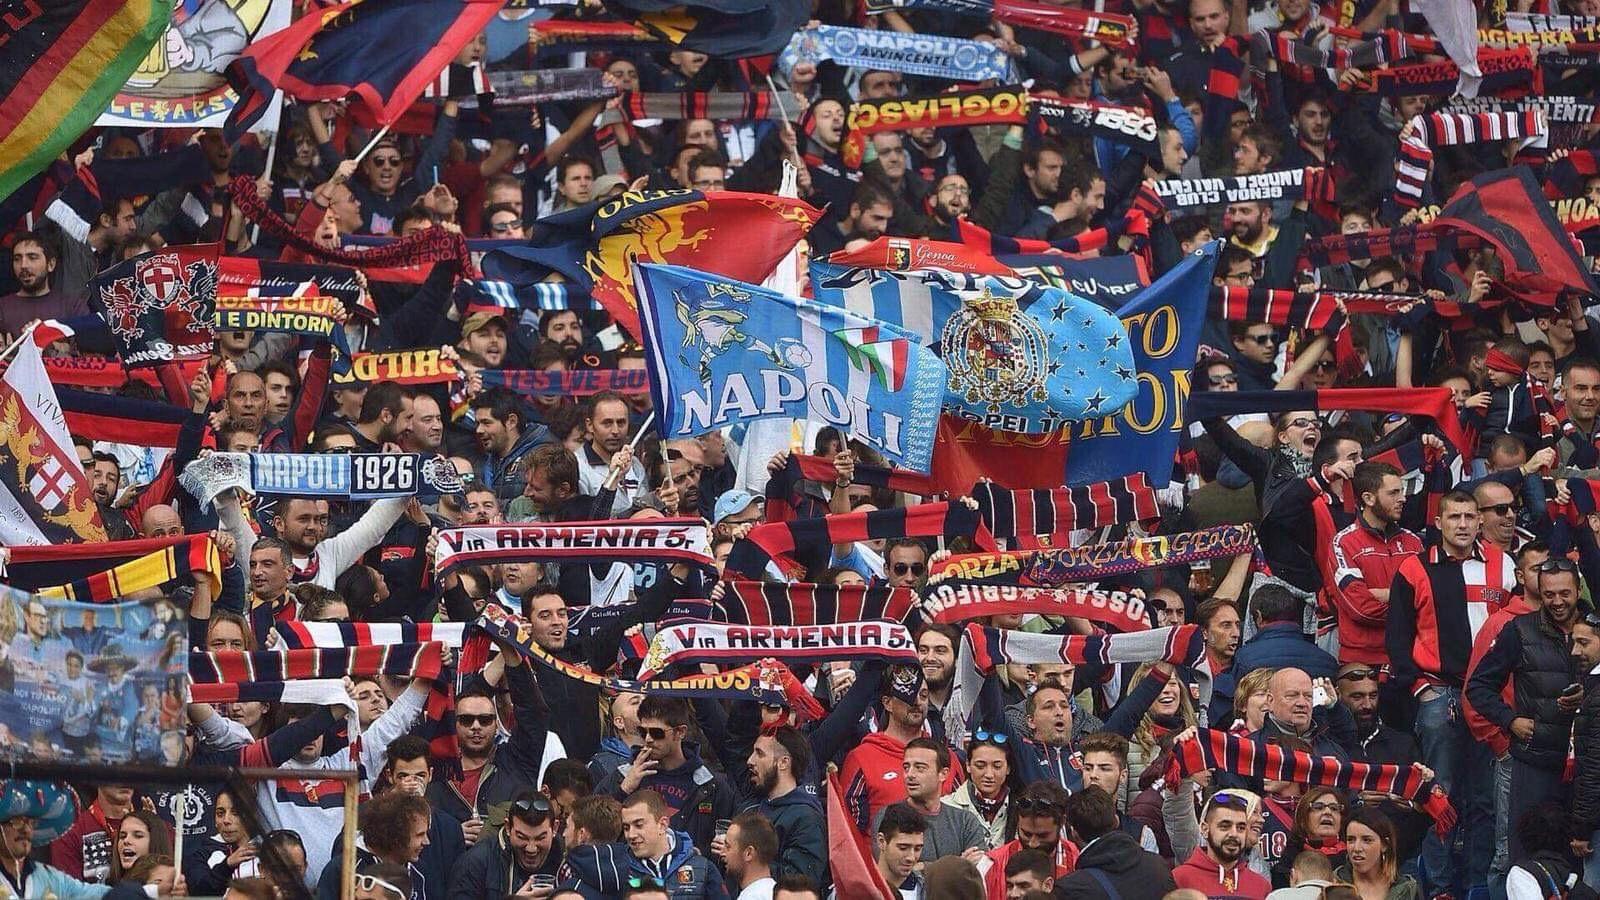 Photo of Napoli-Genoa, la rottura del gemellaggio tra tifoserie dopo gli scontri di Milano a Santo Stefano